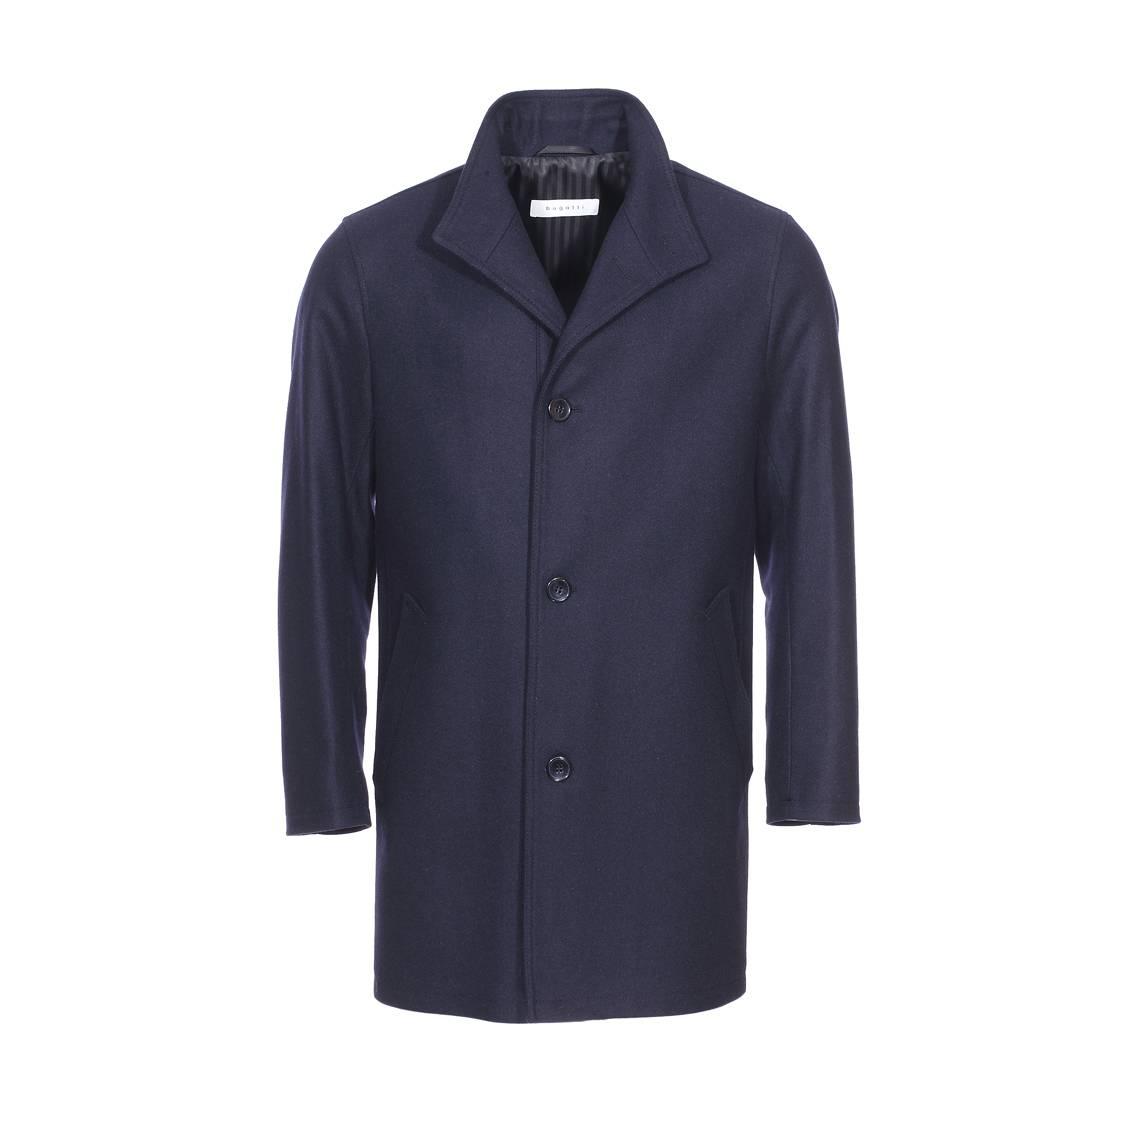 Manteau long Bugatti en laine mélangée bleu marine   Rue Des